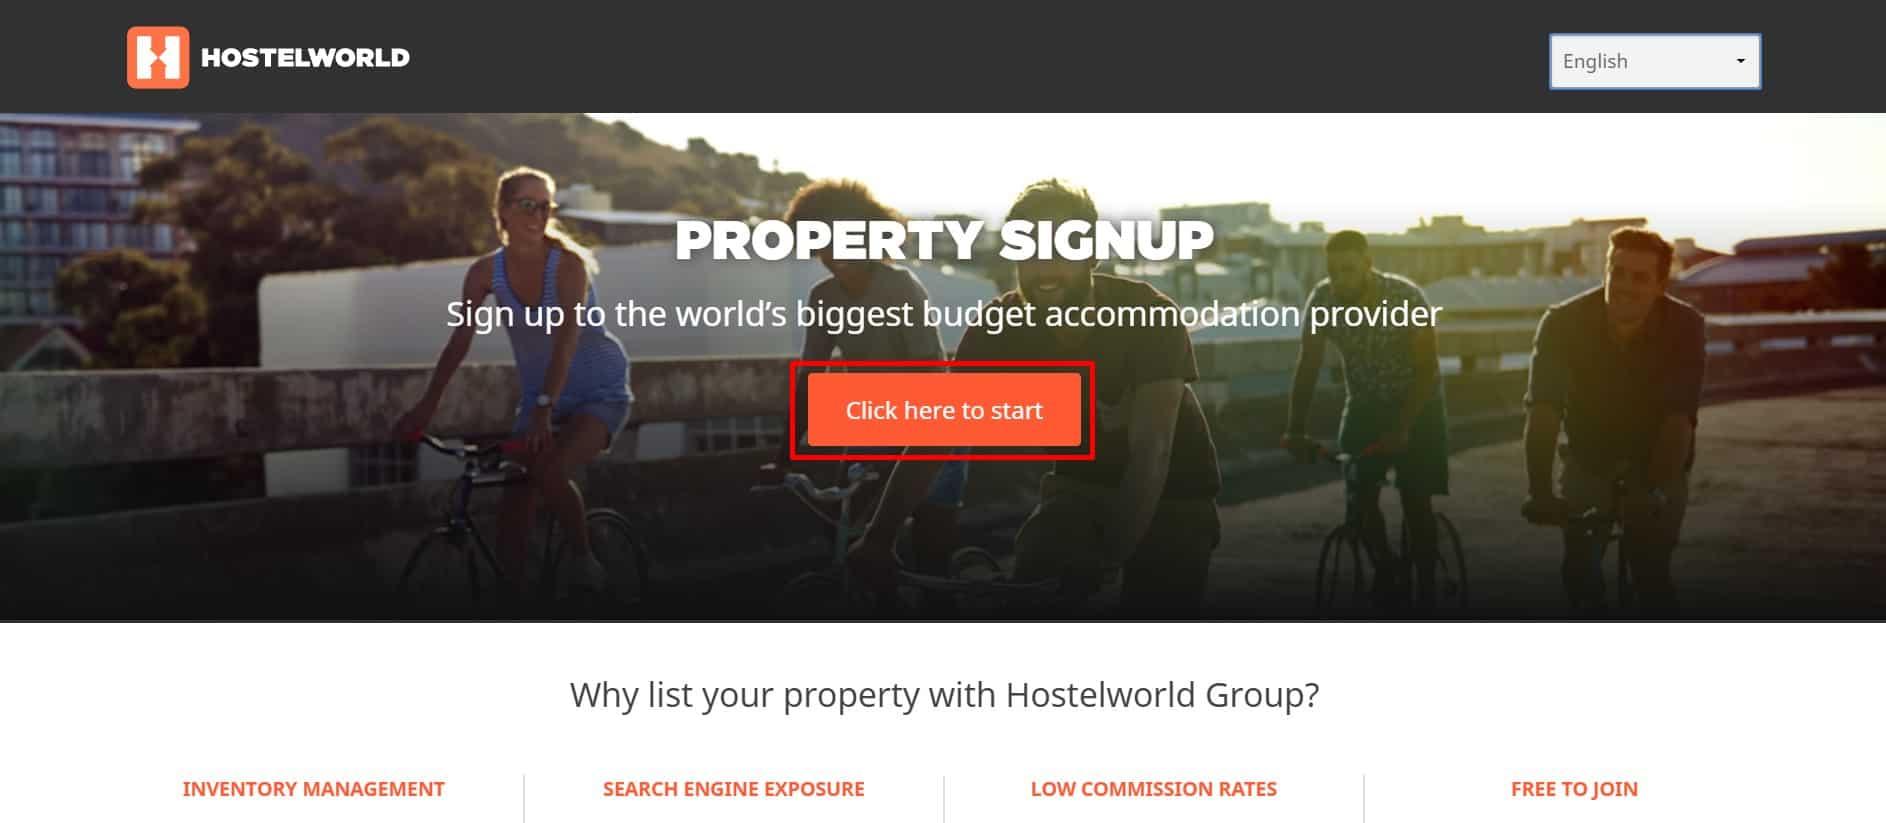 Hướng dẫn chi tiết cách đăng ký bán phòng trên Hostelworld - Bước 3